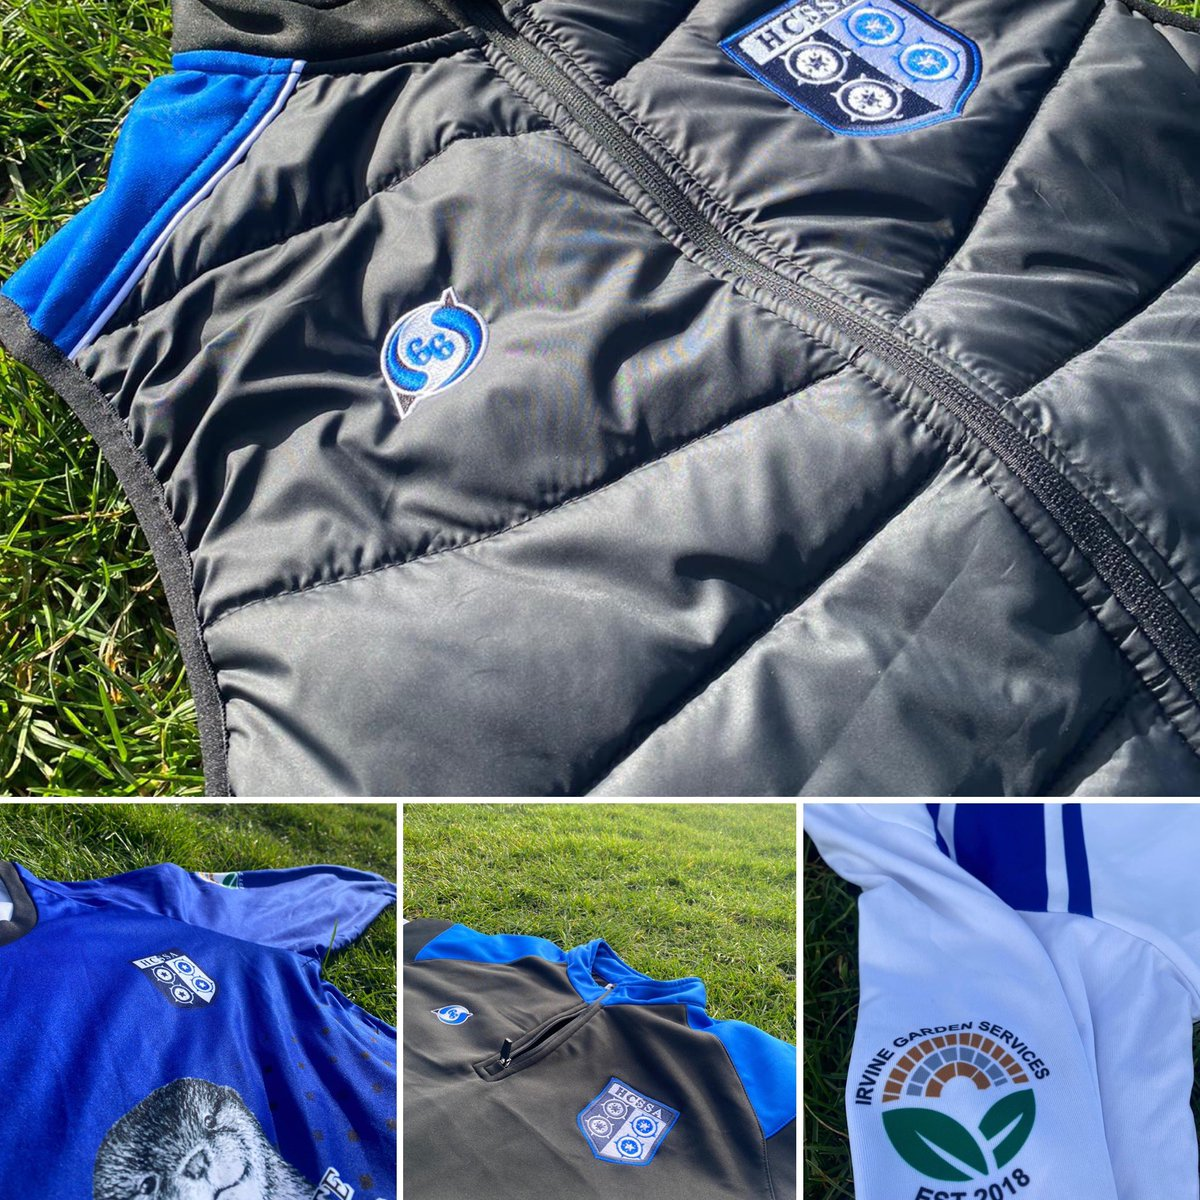 Little kit bundle for @HC_SchoolsFA   Kindle sponsored by Harrogate Hand Sanitiser and Irvine Garden Services.   #BeMoreYou #Football